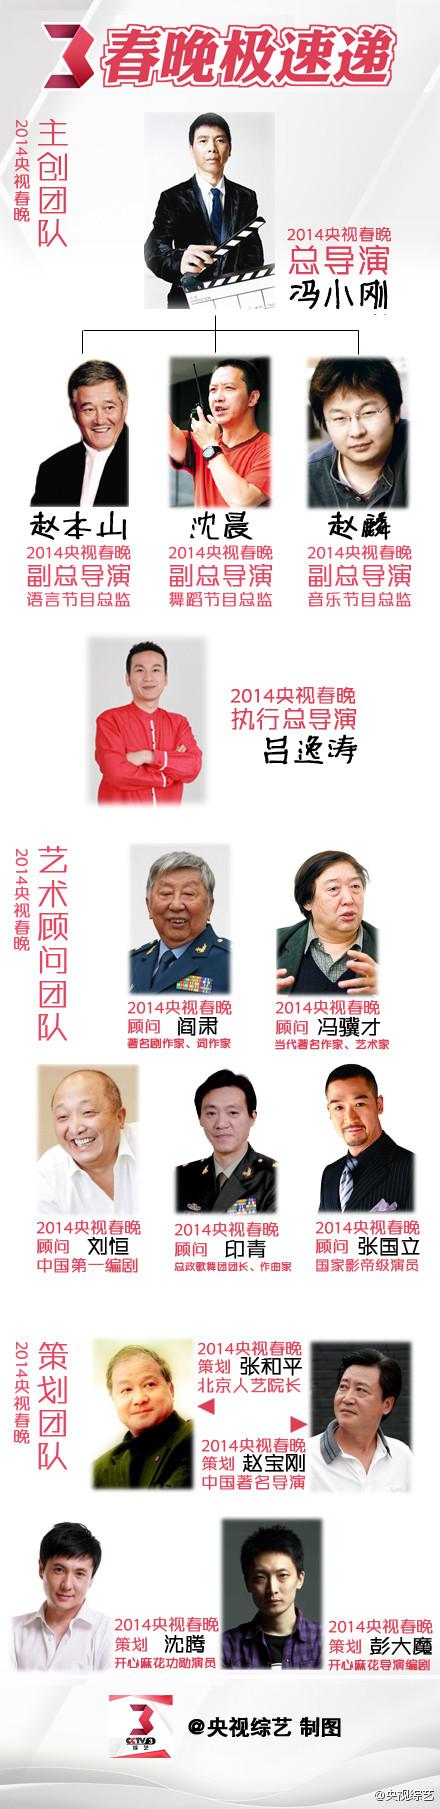 2014央视春晚导演组公布